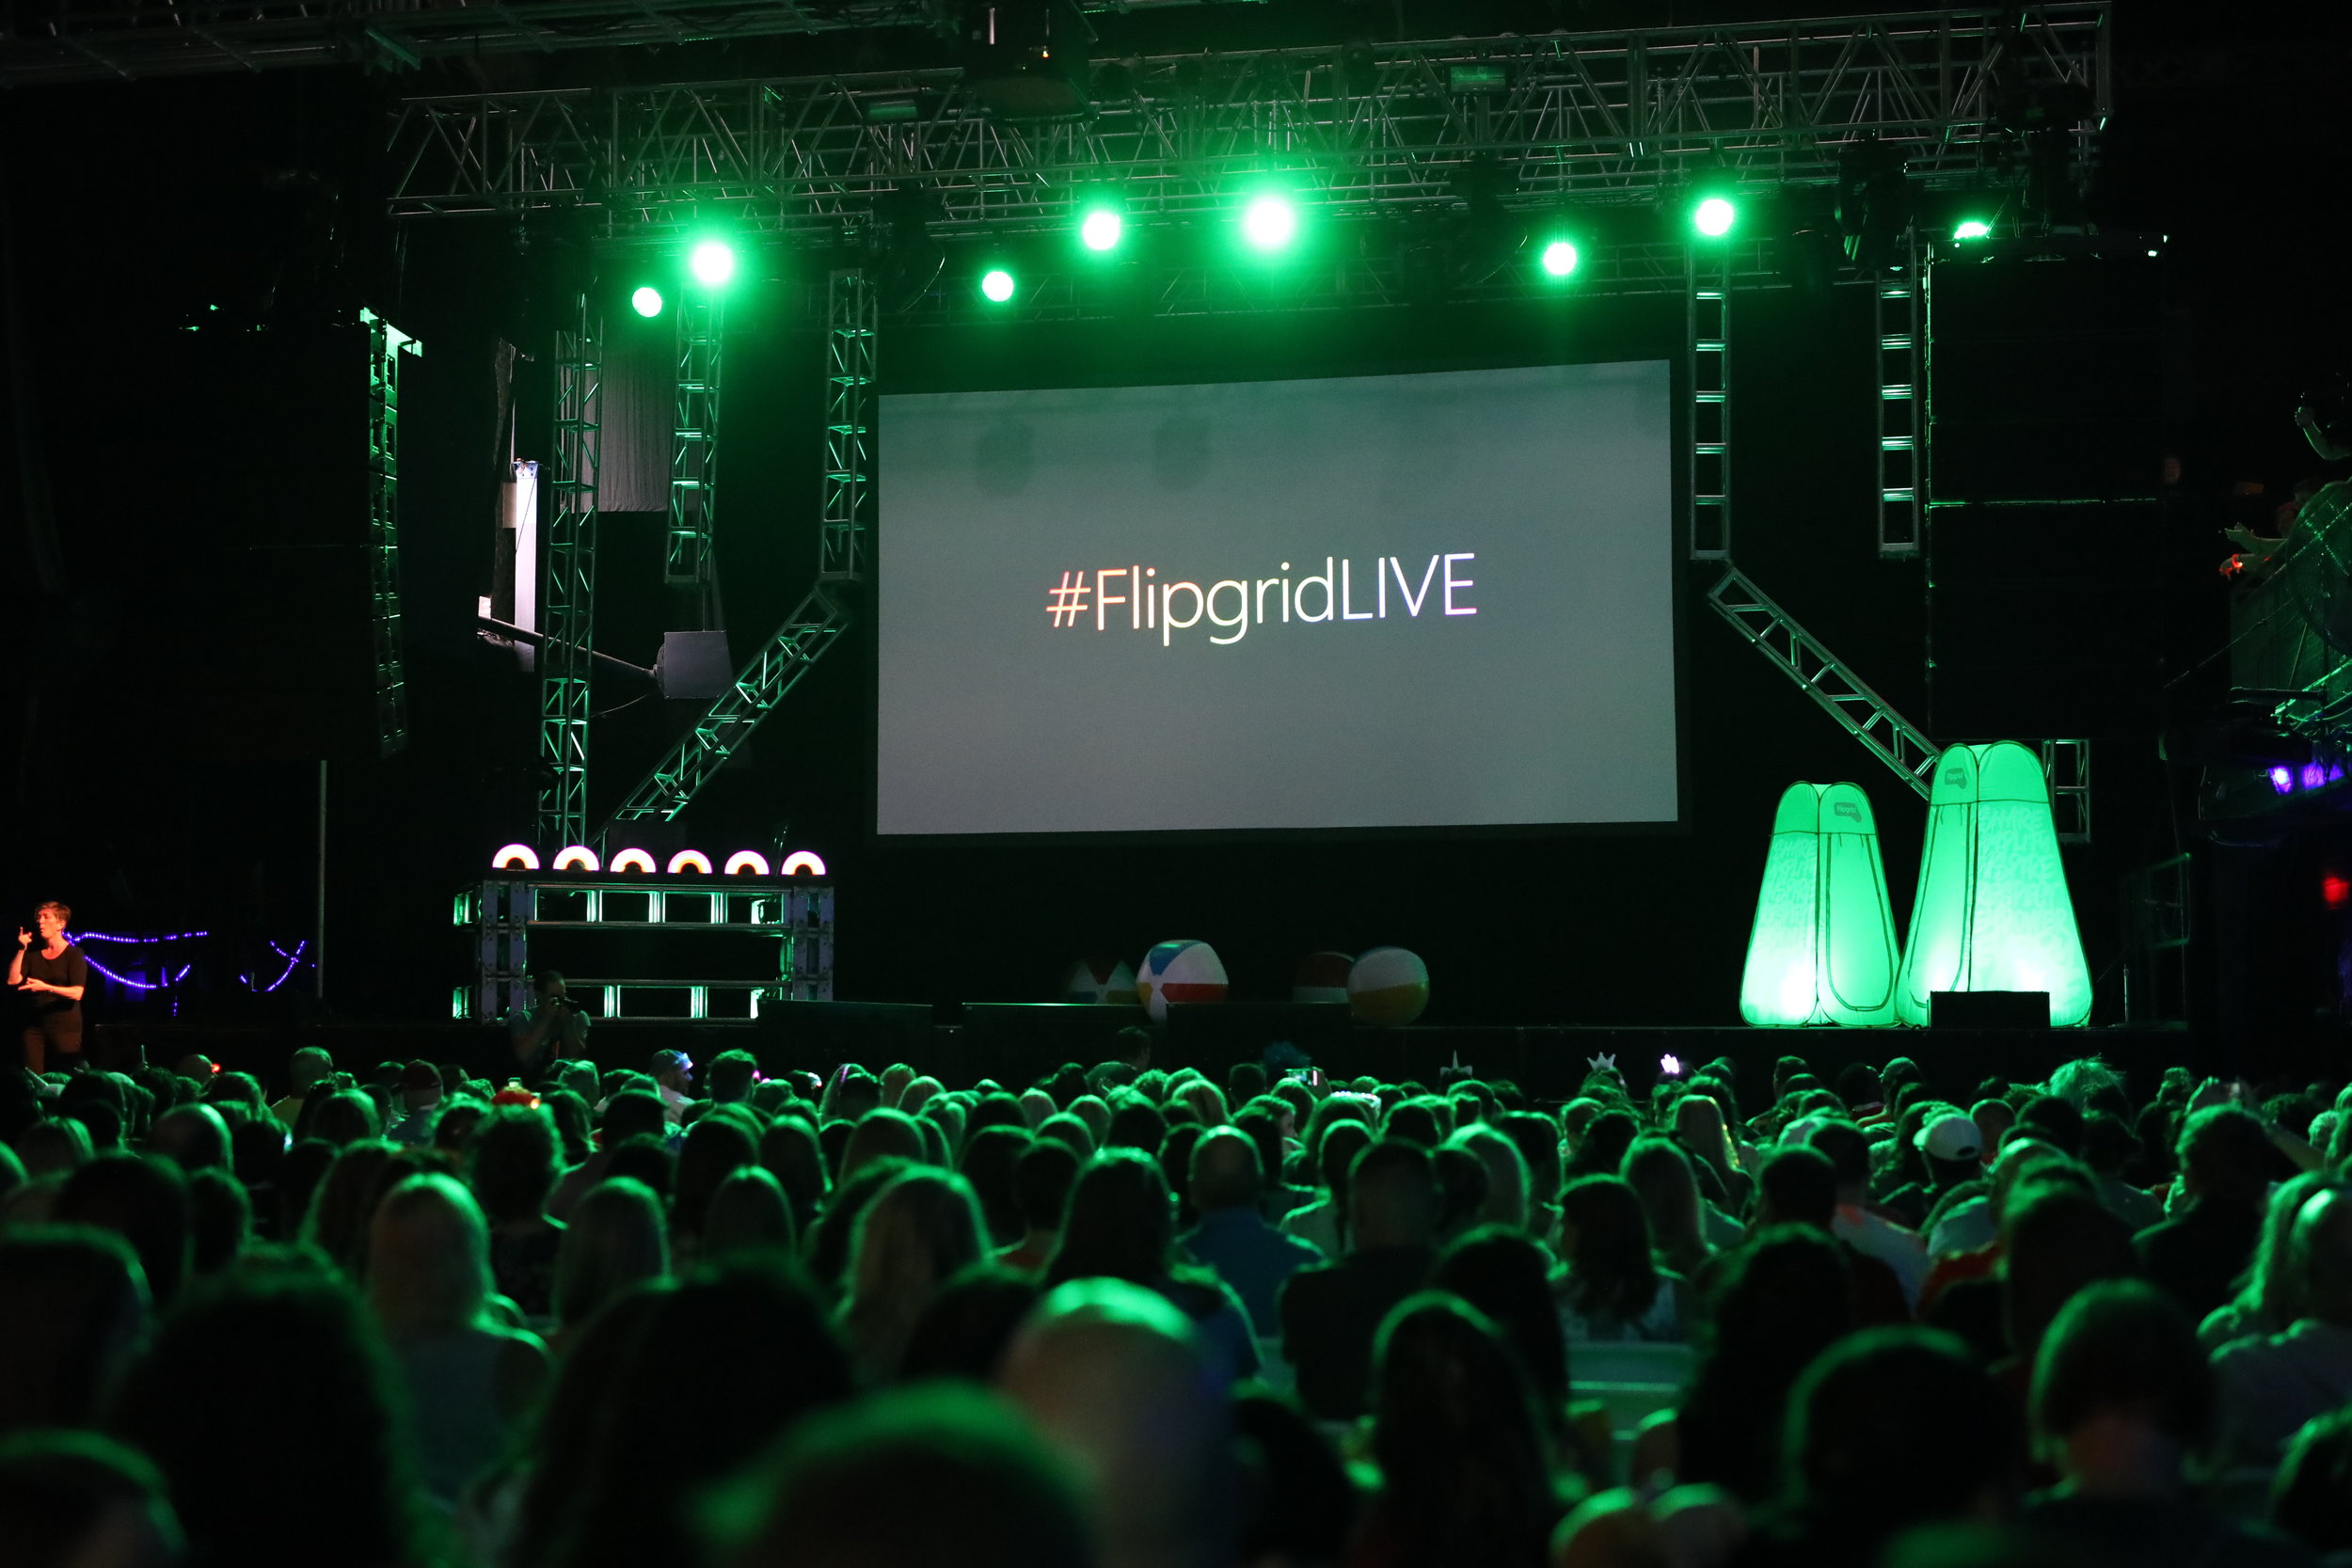 FlipgridLIVE 2019